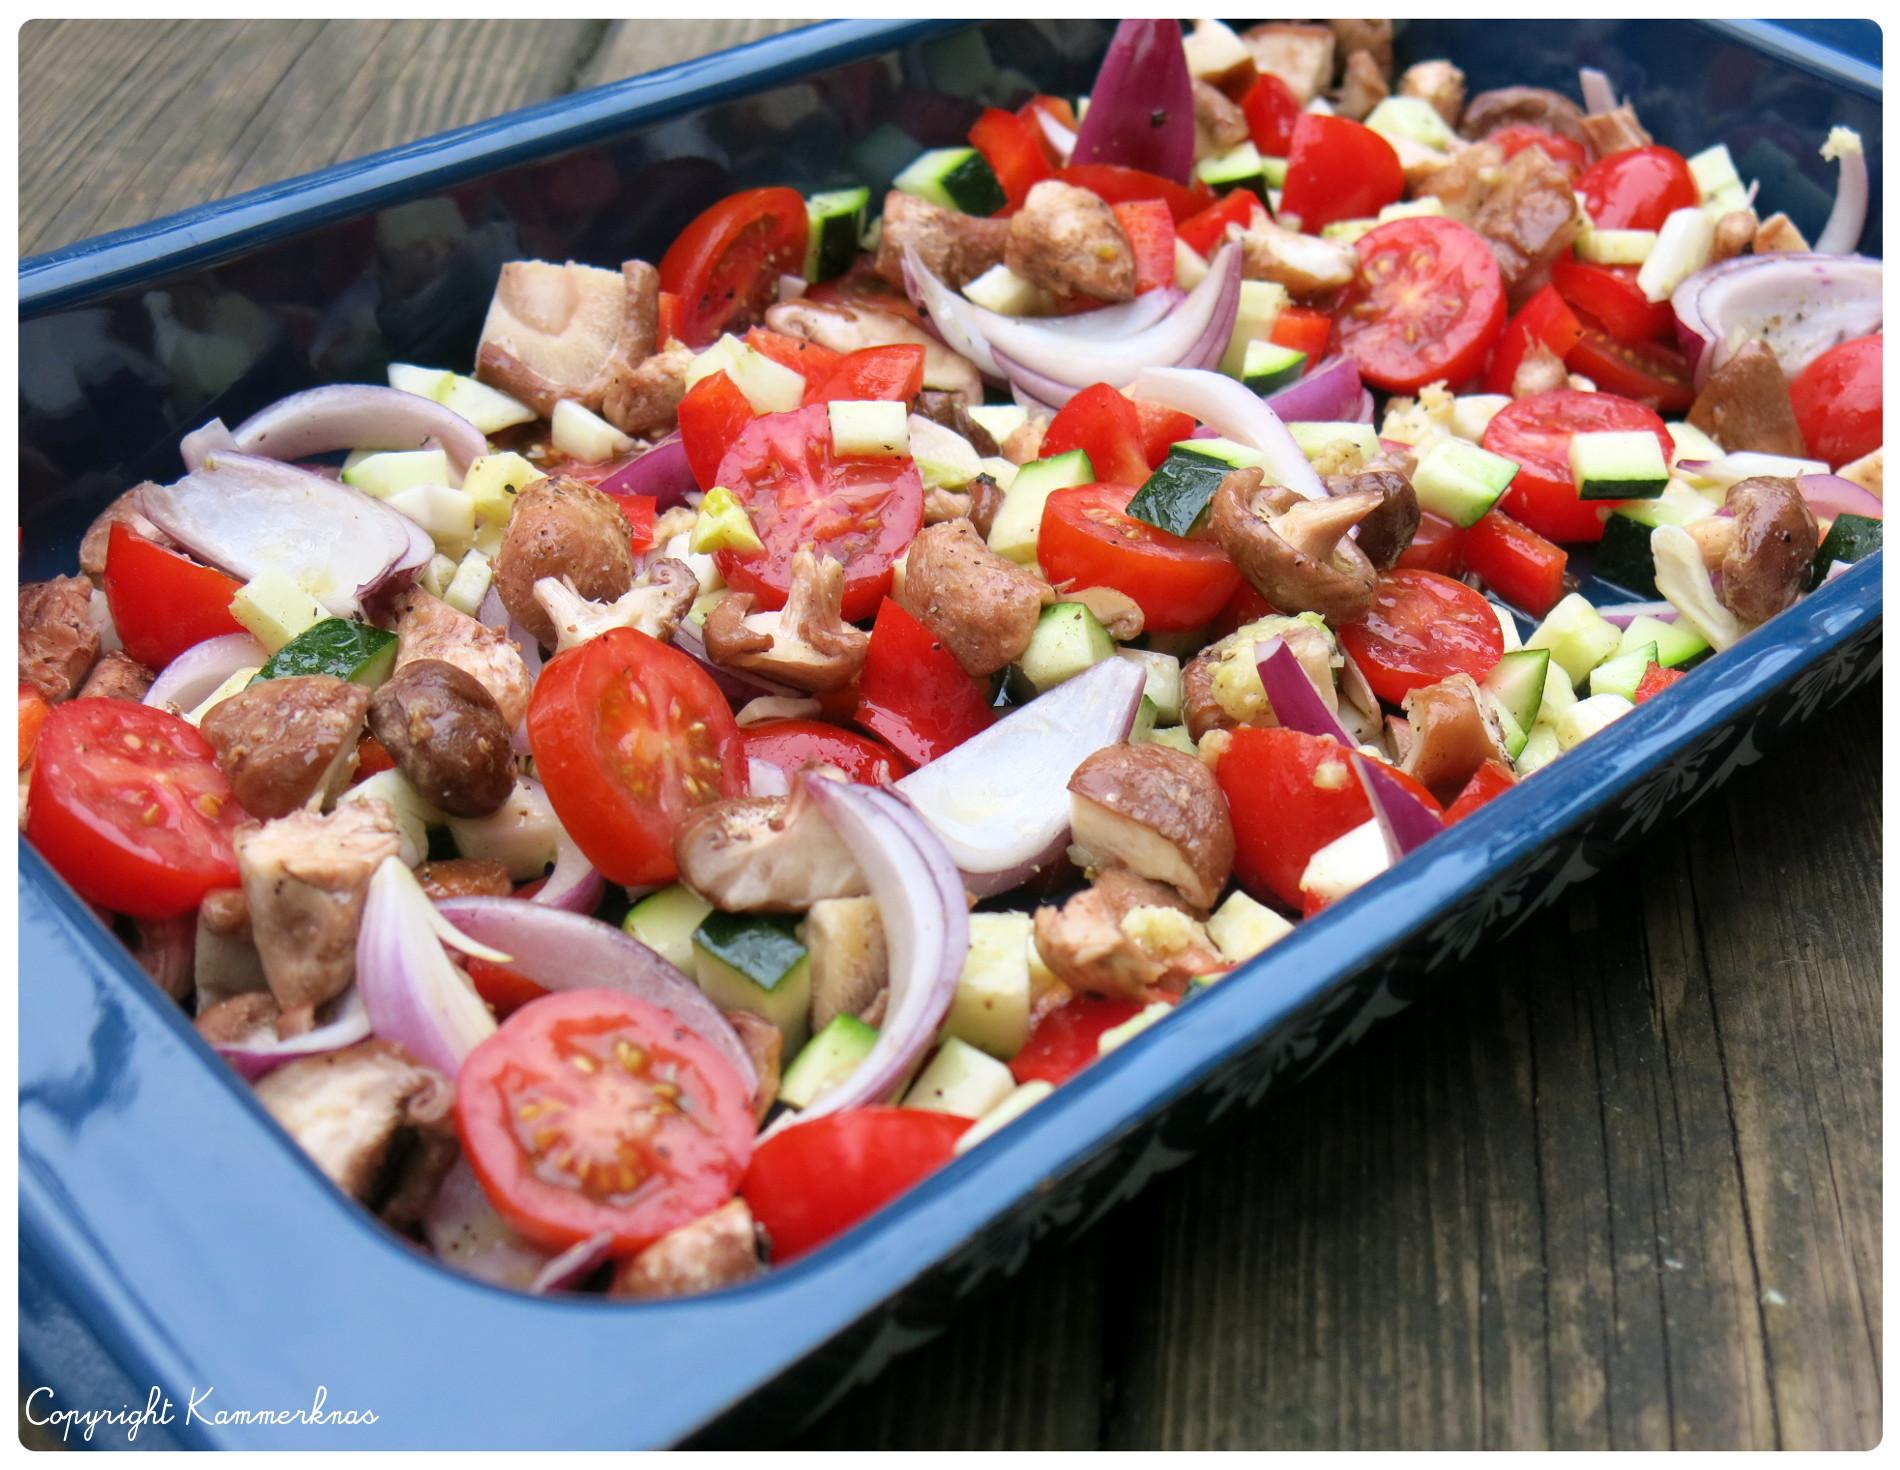 kylling og grøntsager i ovn